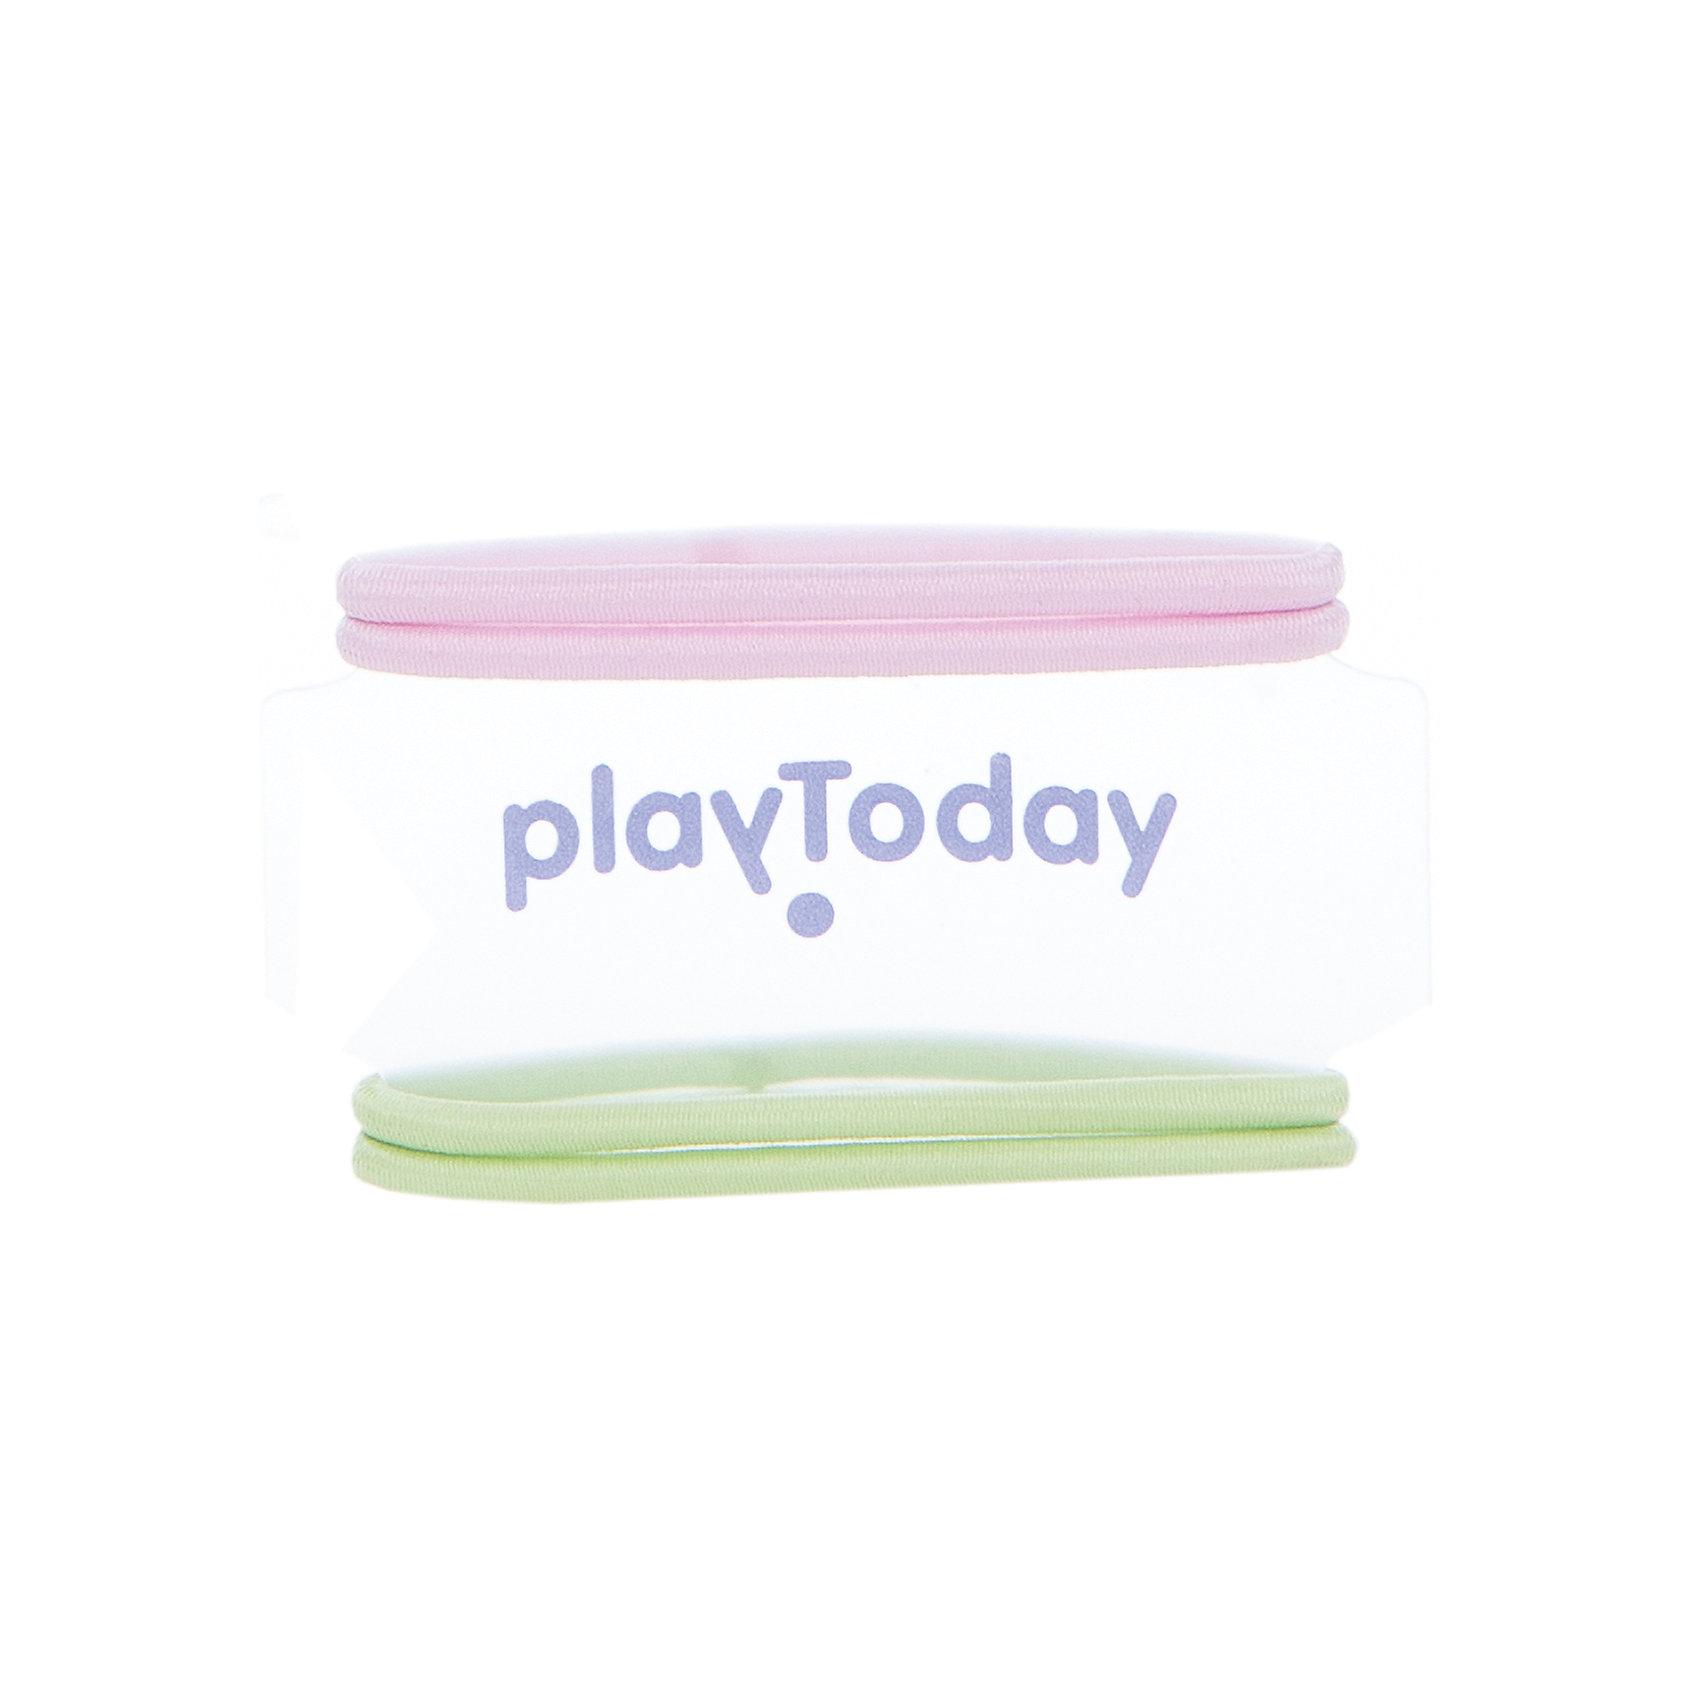 Аксессуар для волос для девочки PlayTodayАксессуары<br>Характеристики товара:<br><br>• цвет: разноцветный<br>• состав: 95% резина, 5% металл<br>• надежная фиксация волос<br>• эластичный материал<br>• коллекция: весна-лето 2017<br>• страна бренда: Германия<br>• страна производства: Китай<br><br>Популярный бренд PlayToday выпустил новую коллекцию! Вещи из неё продолжают радовать покупателей удобством, стильным дизайном и продуманным кроем. Дети носят их с удовольствием. PlayToday - это линейка товаров, созданная специально для детей. Дизайнеры учитывают новые веяния моды и потребности детей. Порадуйте ребенка обновкой от проверенного производителя!<br>Такая симпатичная резинка для волос обеспечит ребенку сохранность прически и удобство. С помощью неё можно создавать различные прически для девочки<br><br>Аксессуар для волос для девочки от известного бренда PlayToday можно купить в нашем интернет-магазине.<br><br>Ширина мм: 170<br>Глубина мм: 157<br>Высота мм: 67<br>Вес г: 117<br>Цвет: белый<br>Возраст от месяцев: 60<br>Возраст до месяцев: 144<br>Пол: Женский<br>Возраст: Детский<br>Размер: one size<br>SKU: 5401861